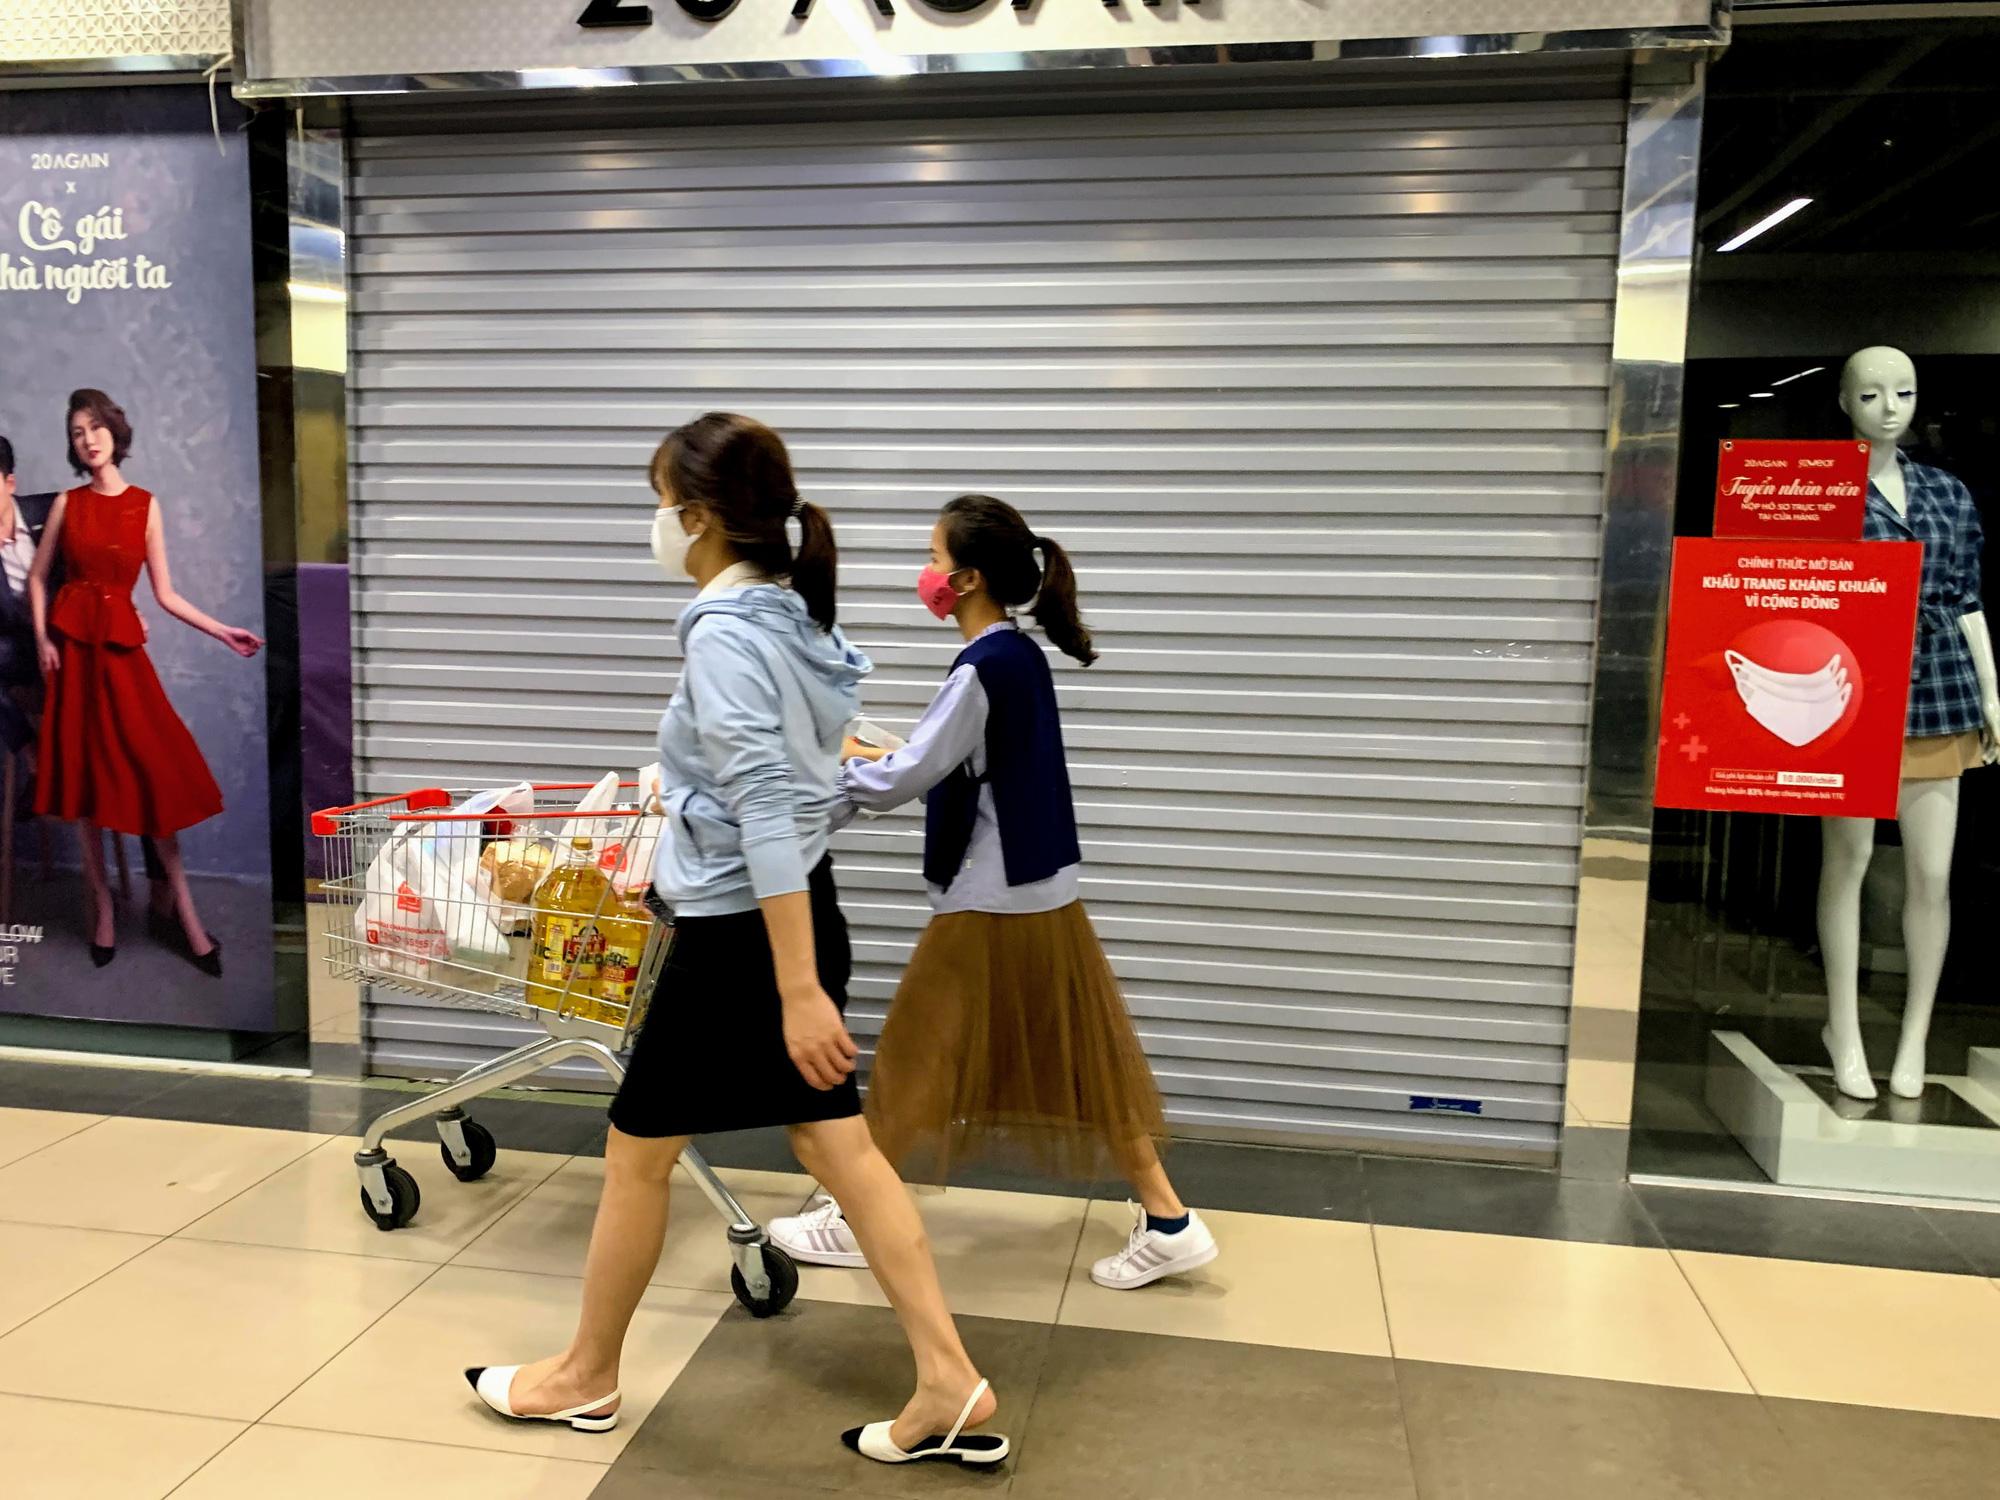 Cận cảnh ngày đầu chống dịch ở Hà Nội: Các cơ sở dịch vụ đóng cửa, siêu thị tiếp tục hoạt động, hàng hoá đầy ăm ắp vắng người mua - Ảnh 10.